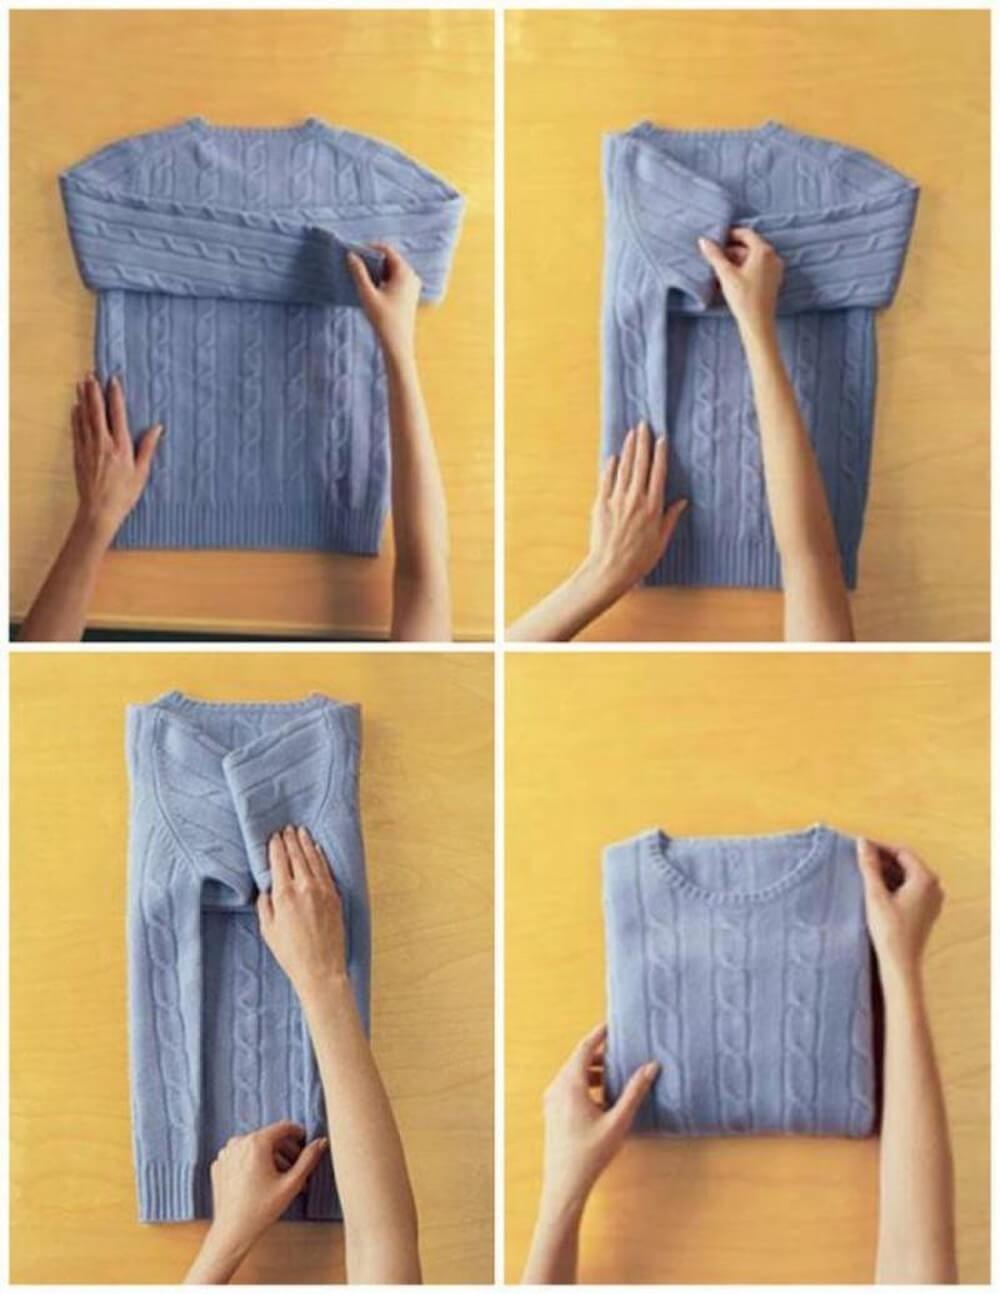 Bí kíp để giặt áo len sạch và đúng cách nhất mà không lo bị giãn